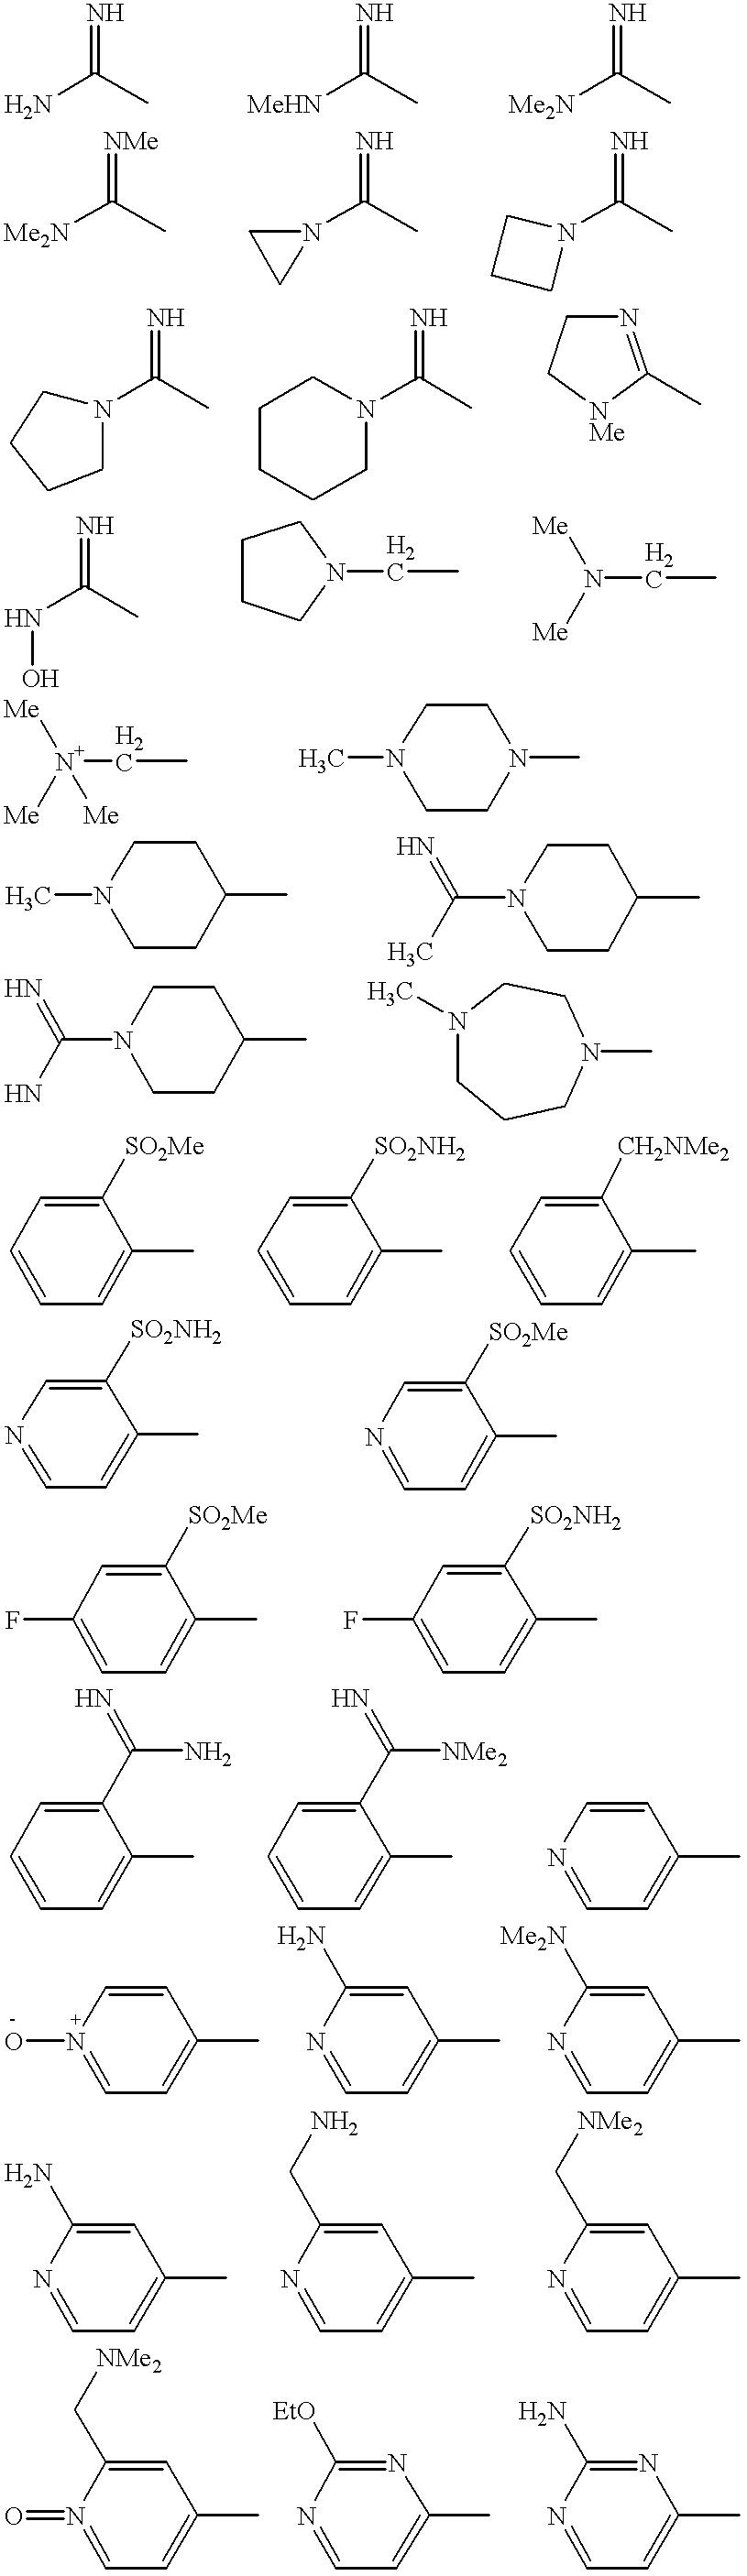 Figure US06376515-20020423-C00114